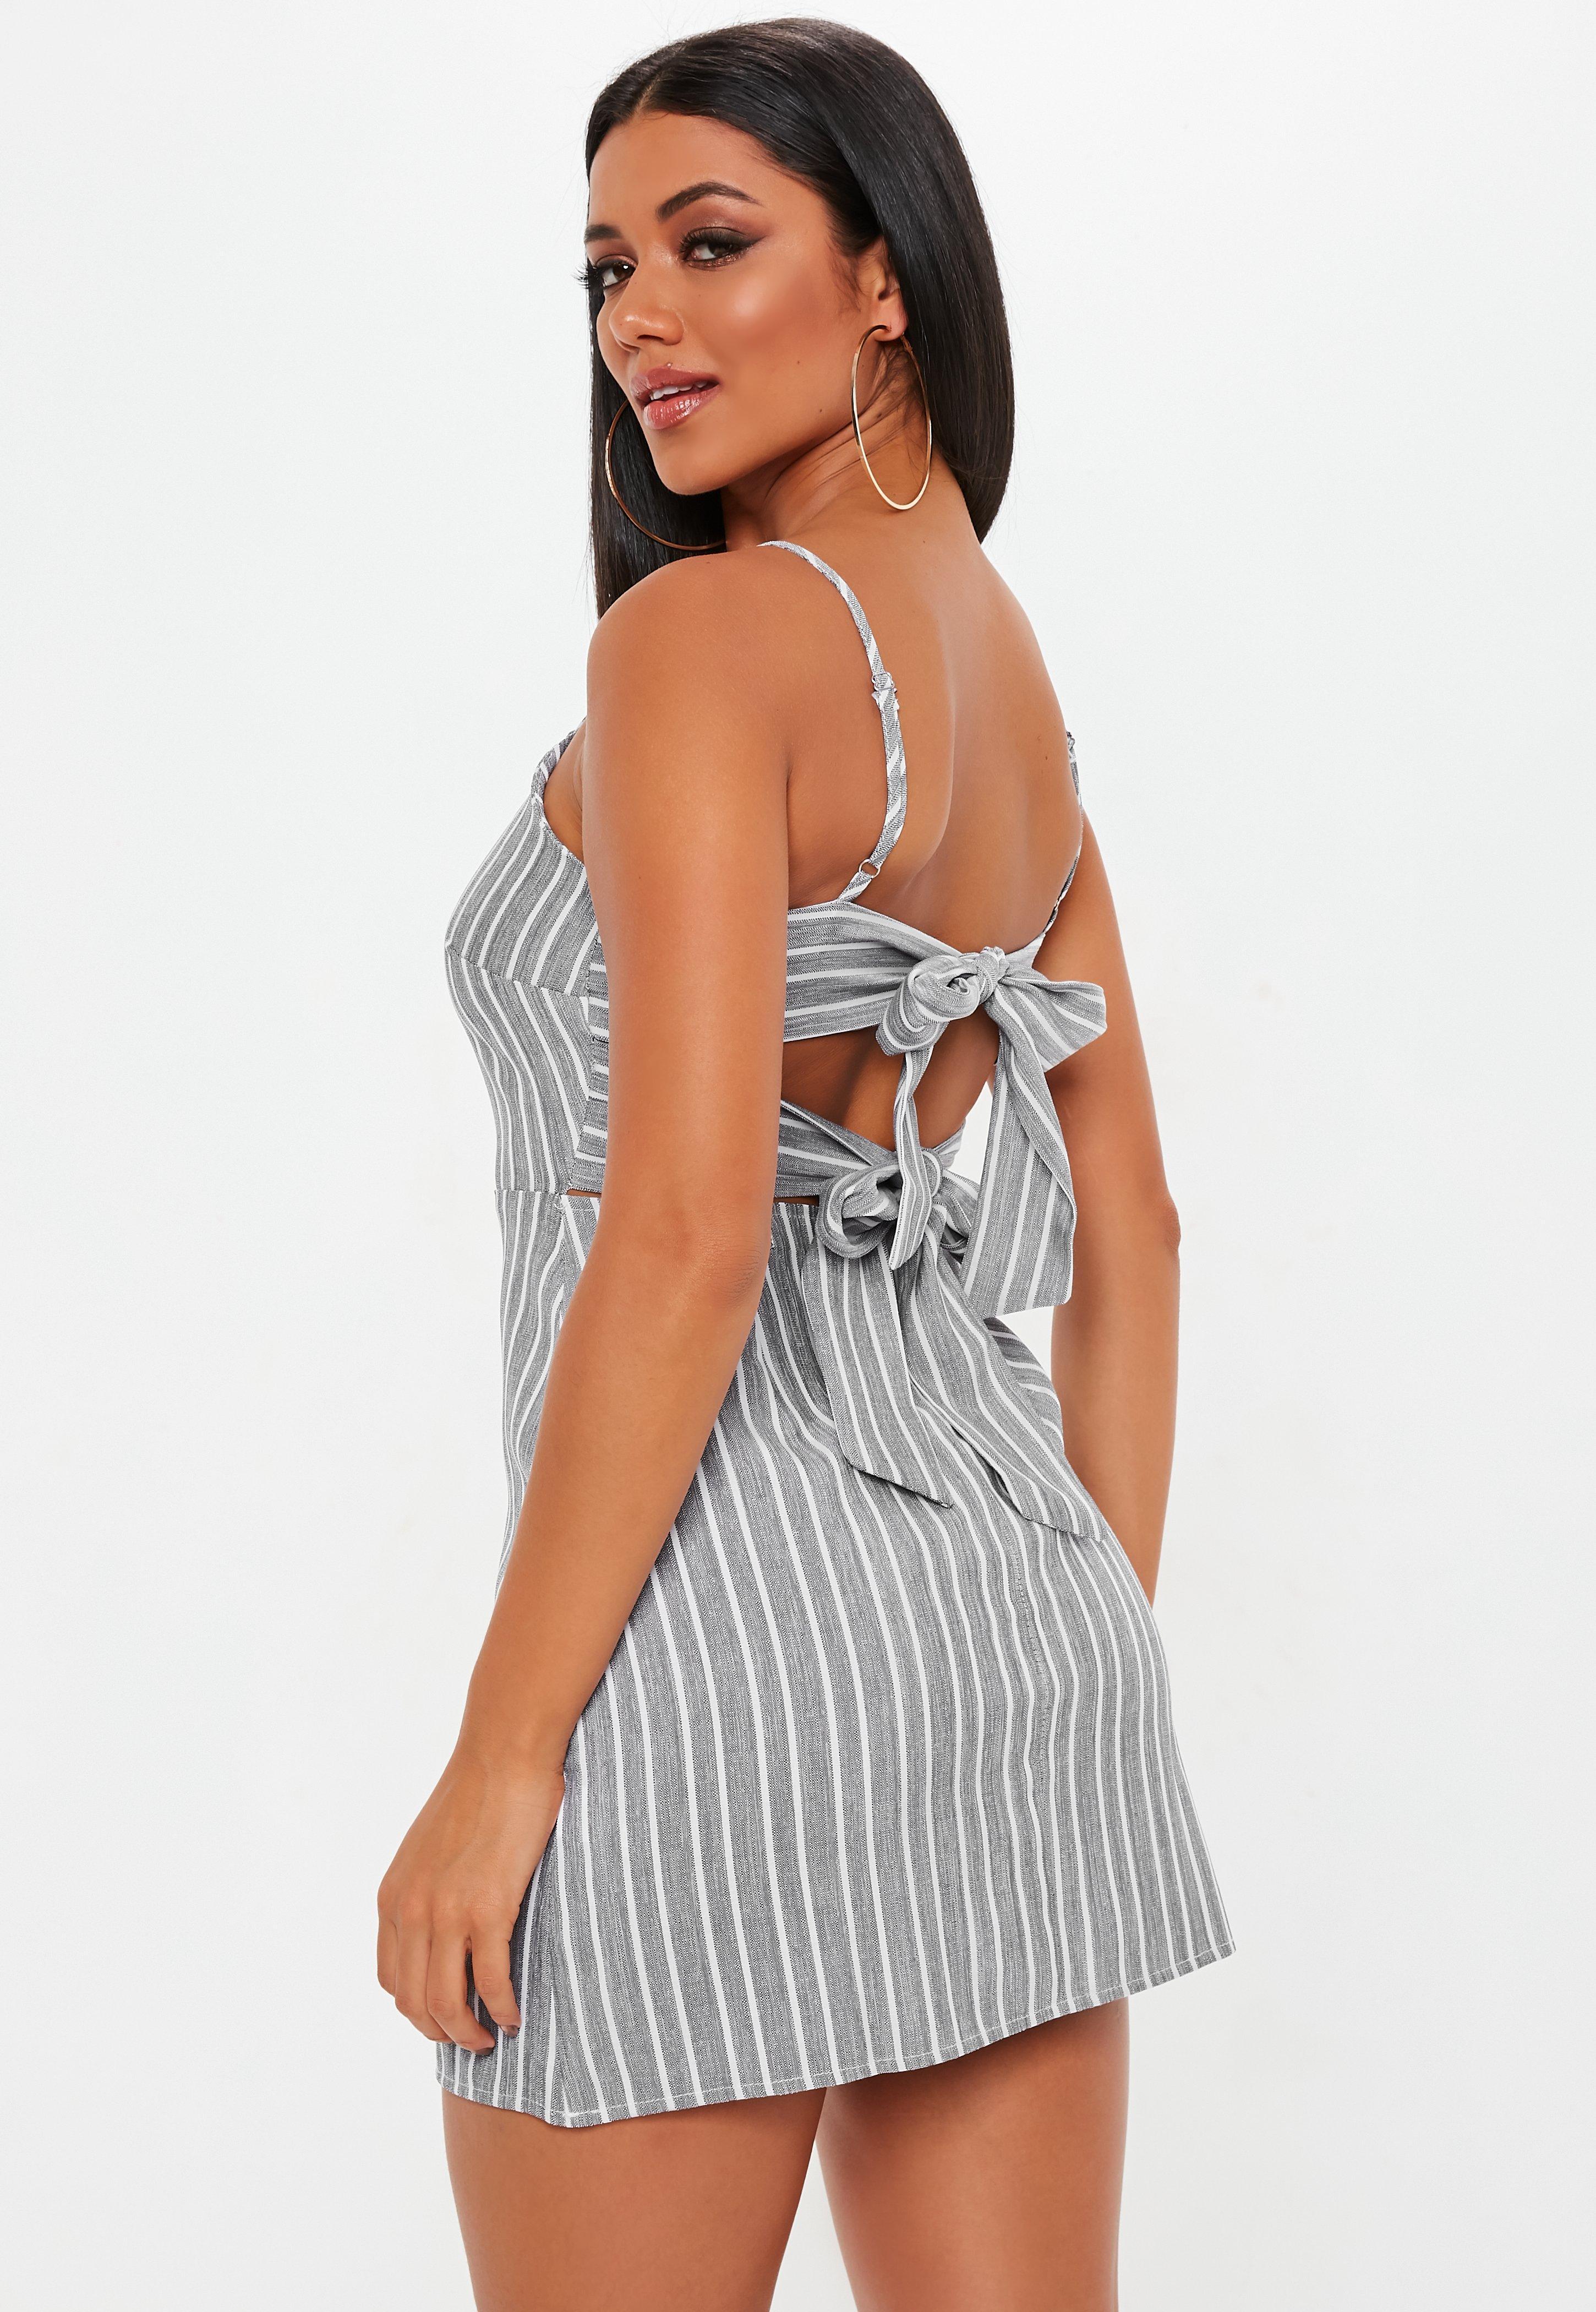 bf801ec548 Wyjątkowy Sukienki z Odkrytymi Plecami - Missguided SA-59